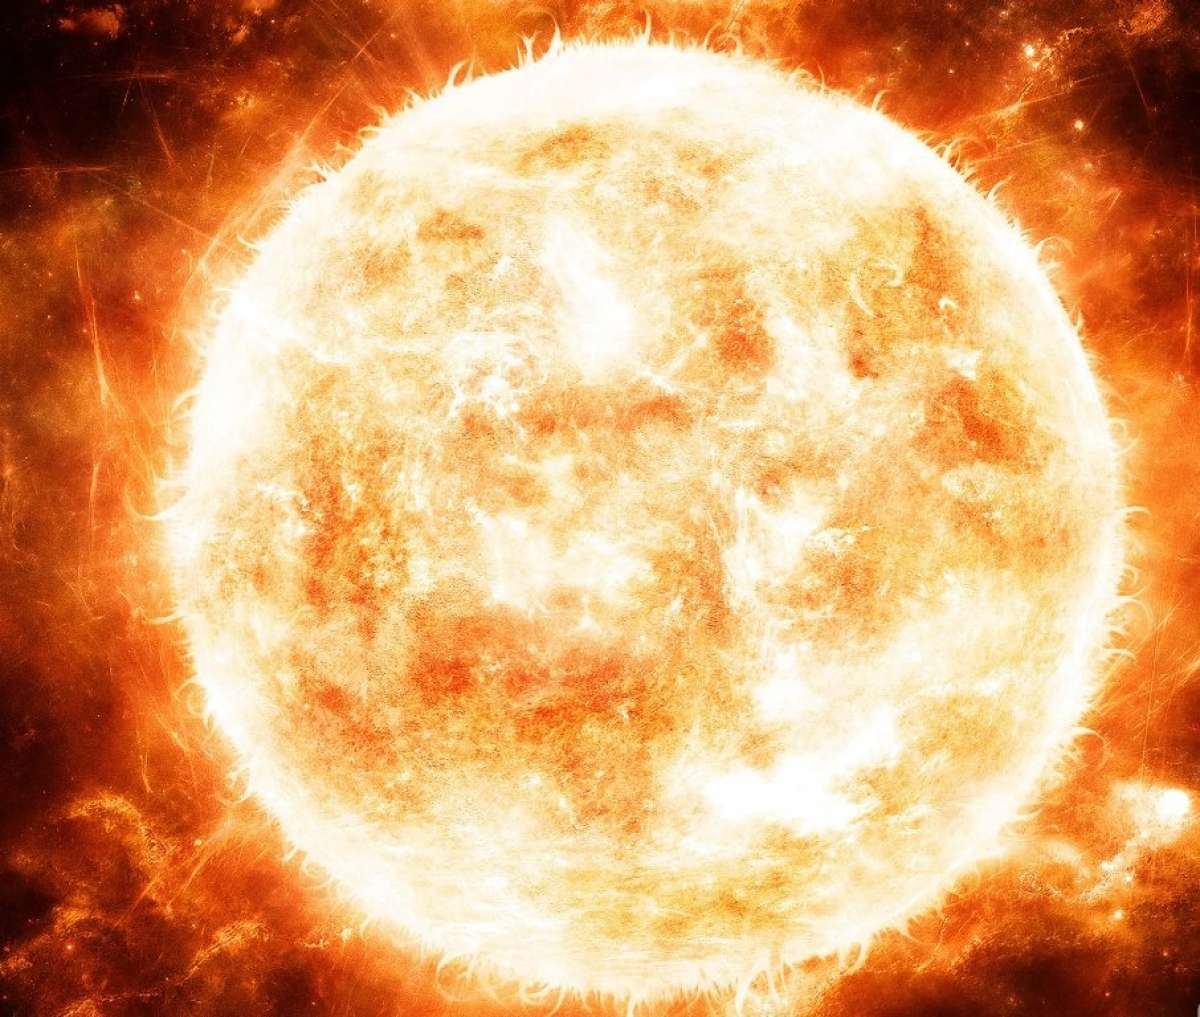 Гигантский НЛО, снятый возле Солнца, ошеломил учёных